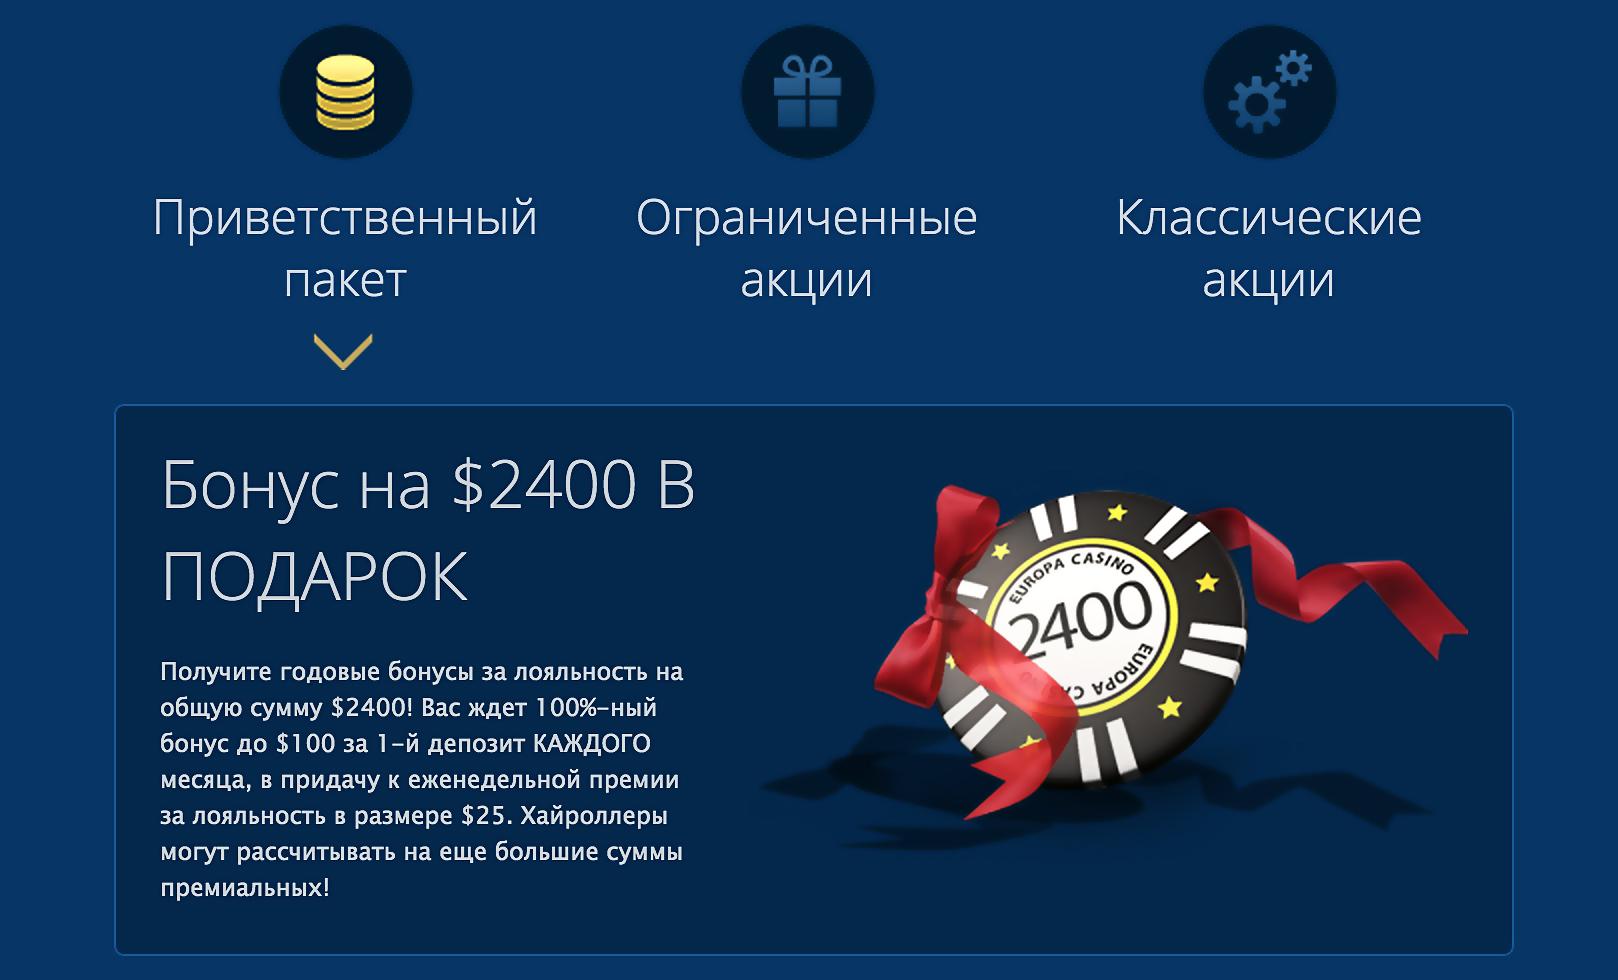 Казино онлайн бонус за депозит 2016 найти играть казино